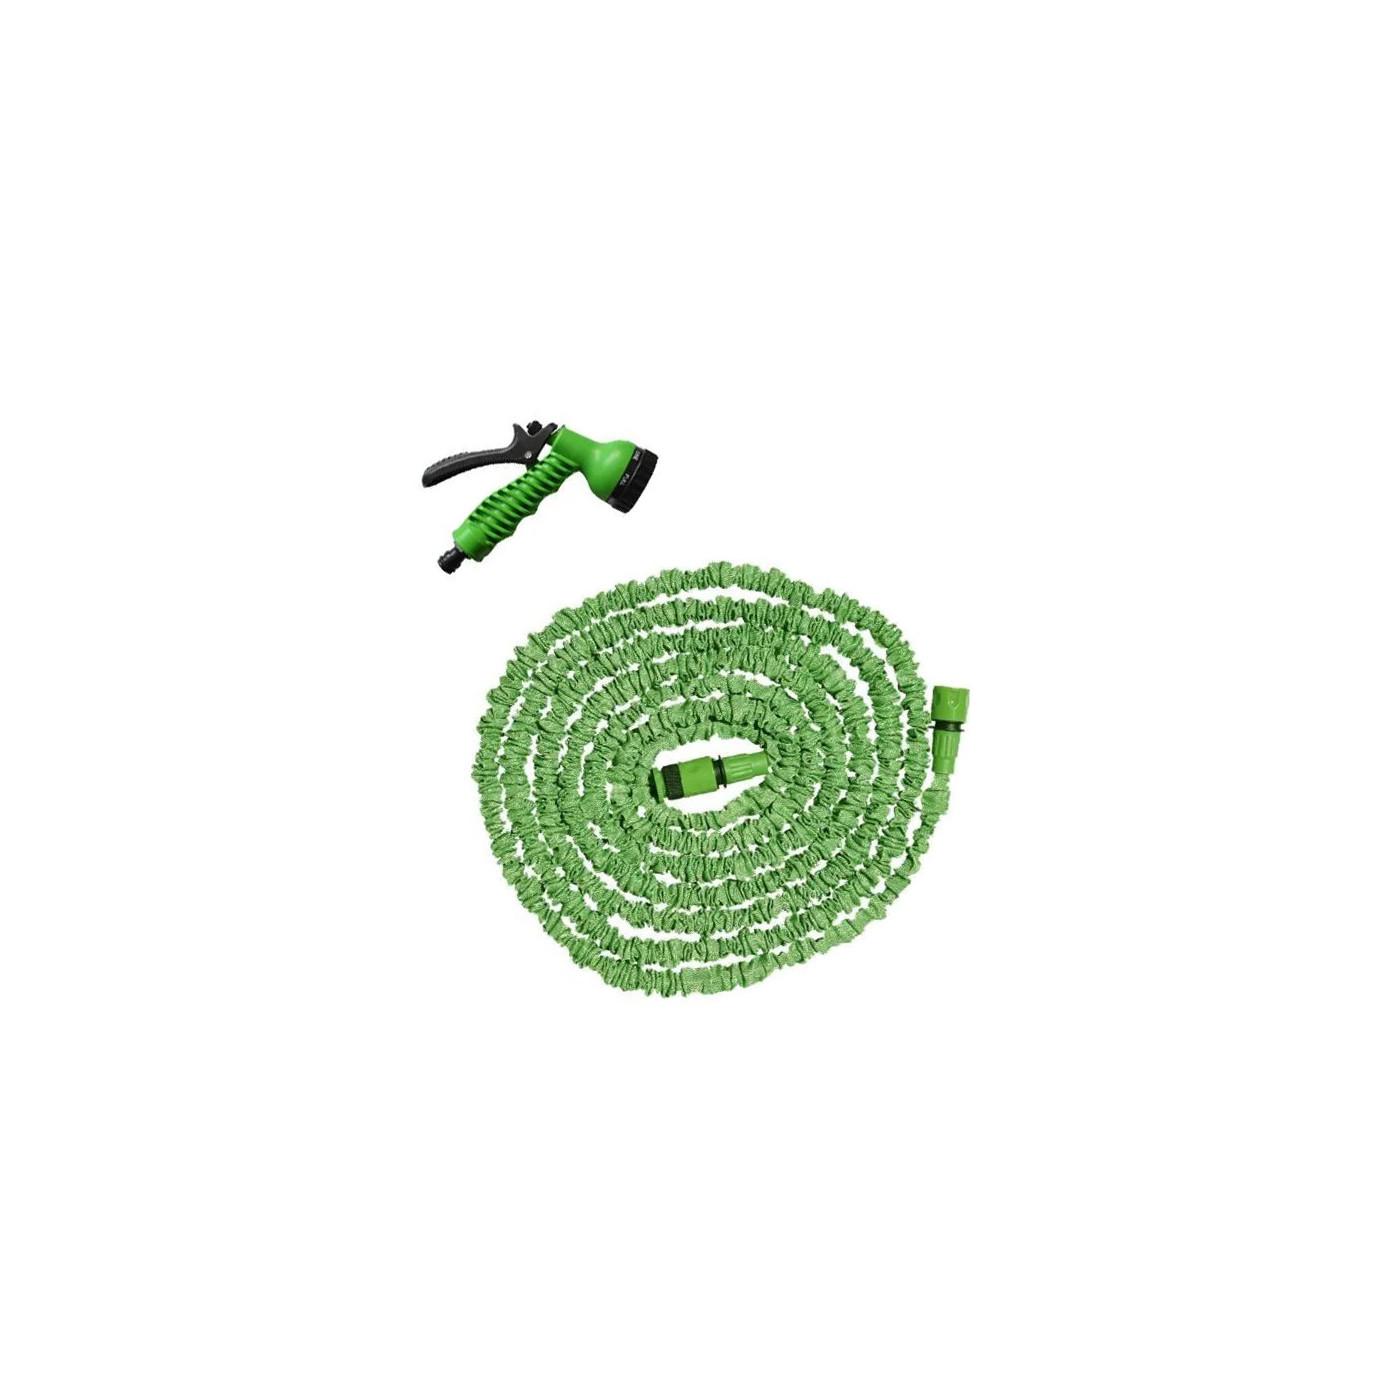 Tuinslang (verlengbaar, 7,5-22,5 meter)